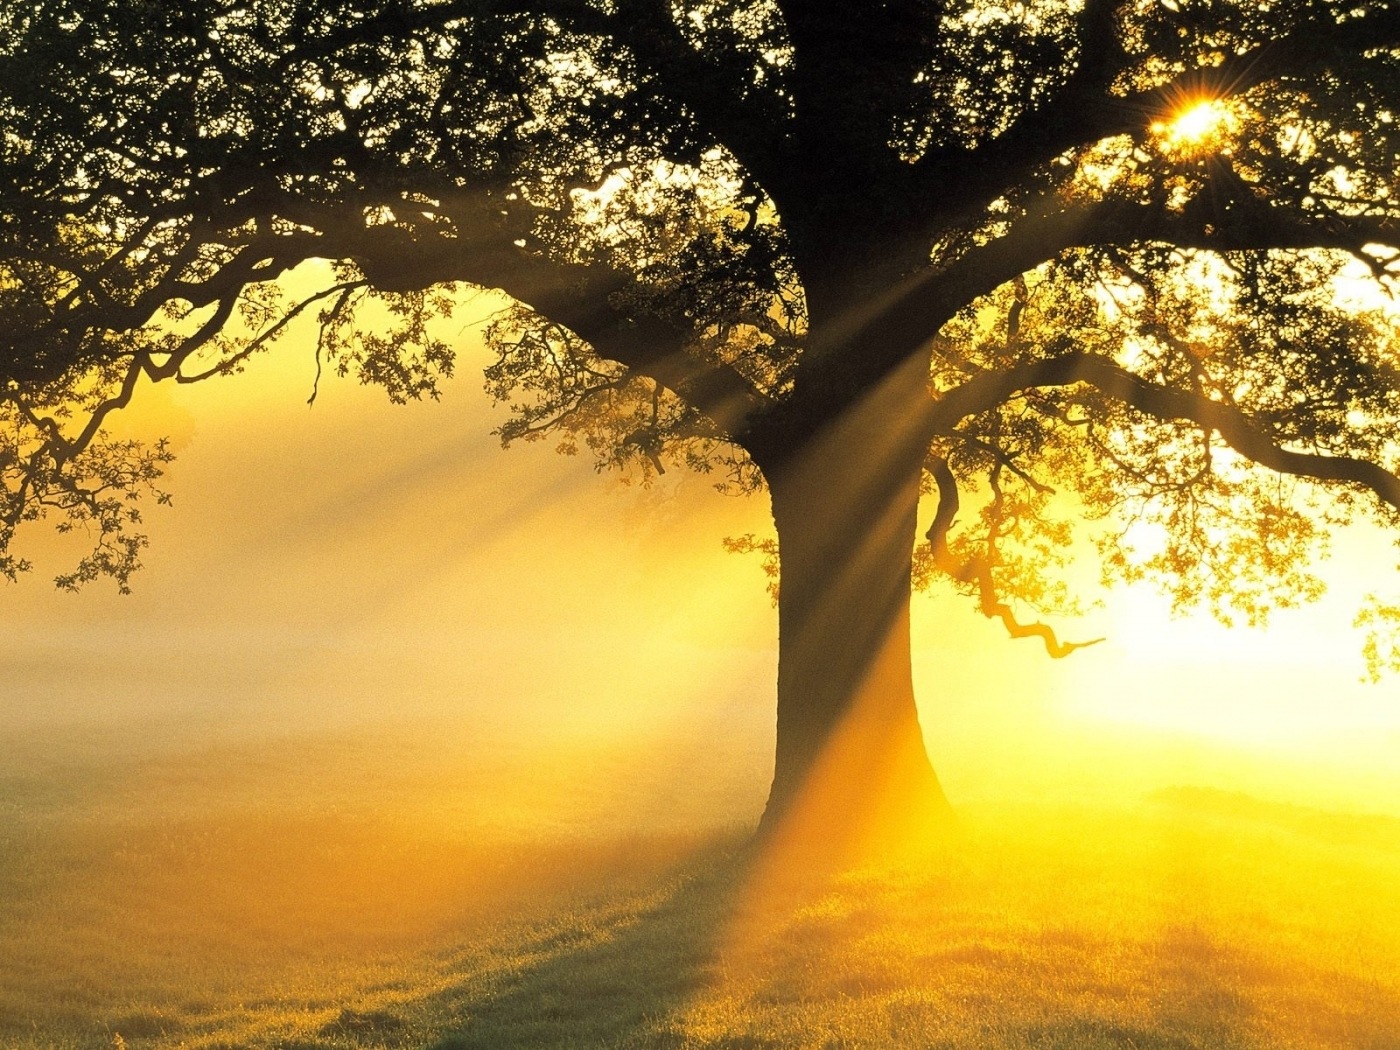 49400 скачать обои Пейзаж, Природа, Деревья, Солнце - заставки и картинки бесплатно